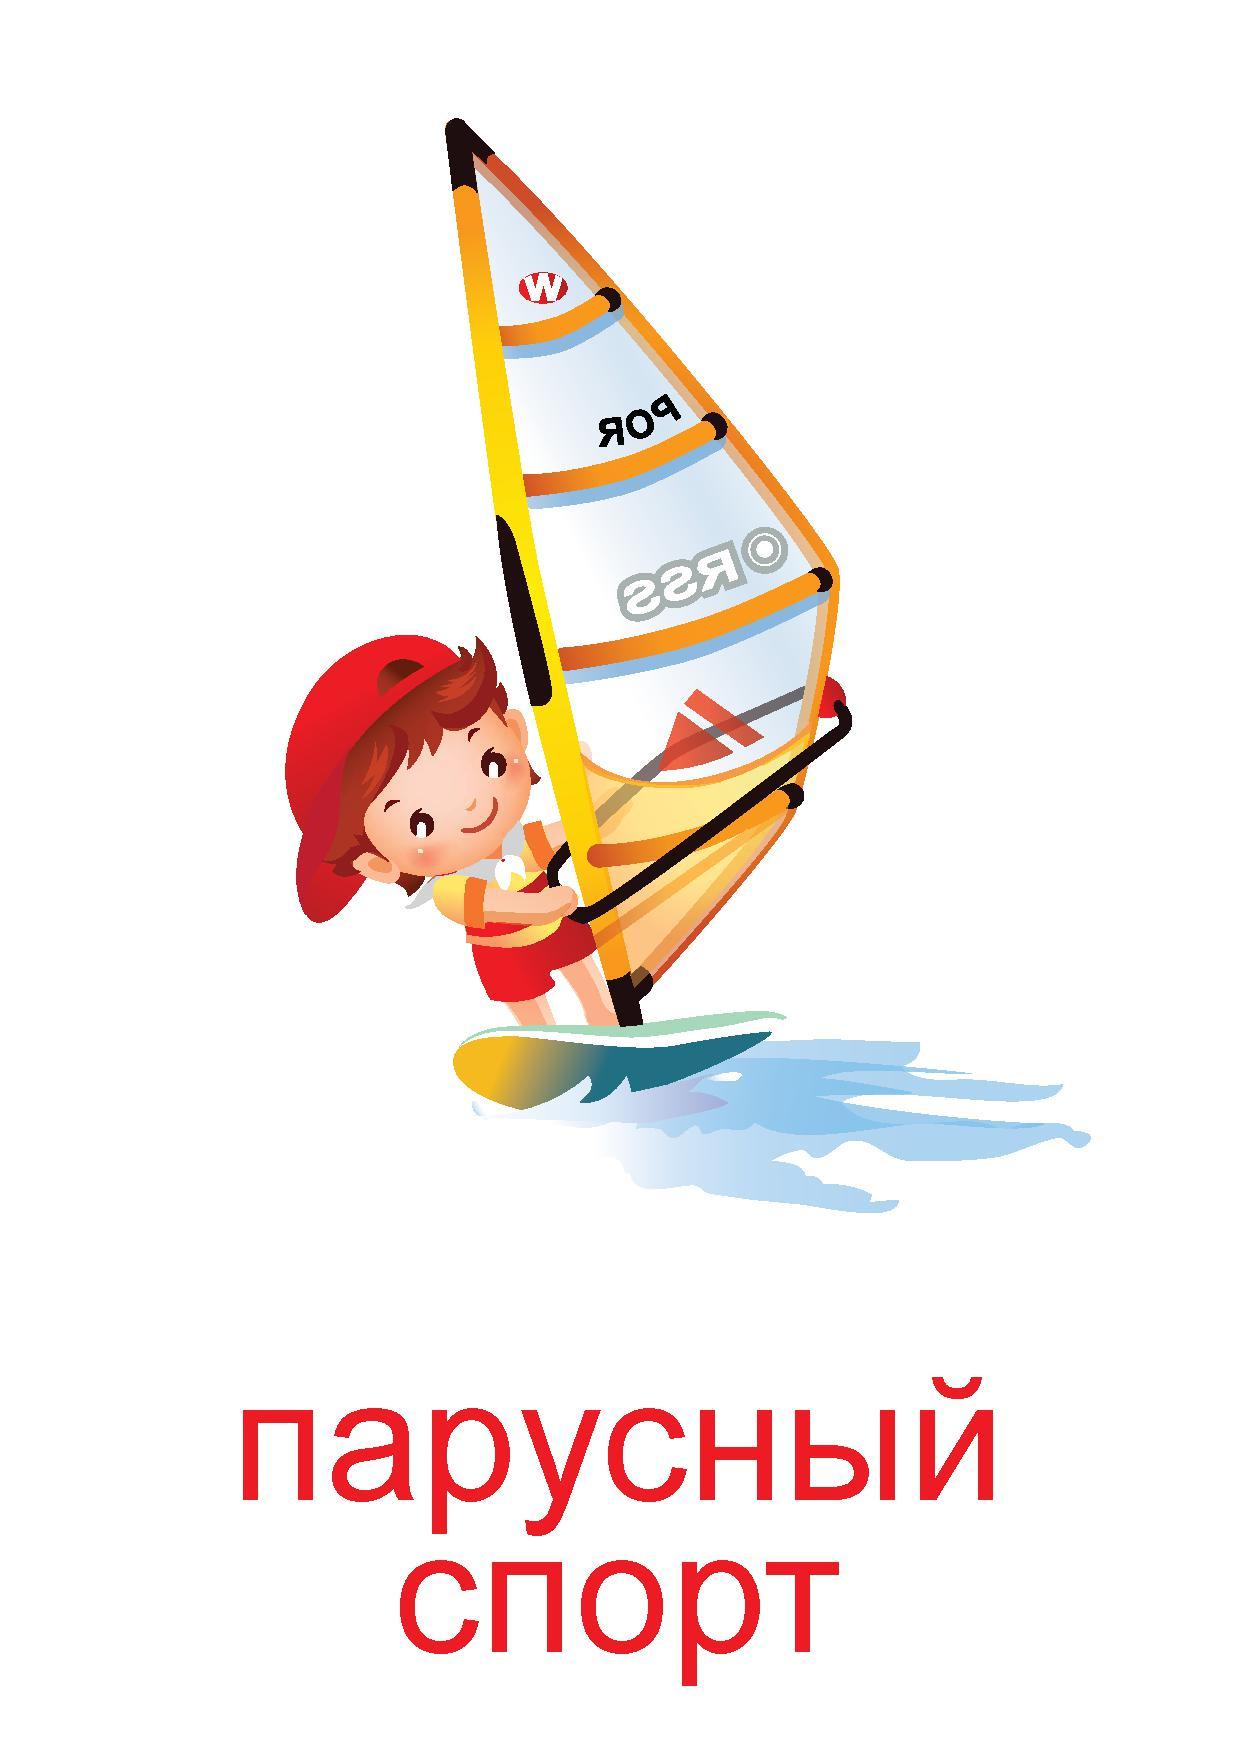 Все виды спорта картинки для детей   подборка 25 изображений (17)